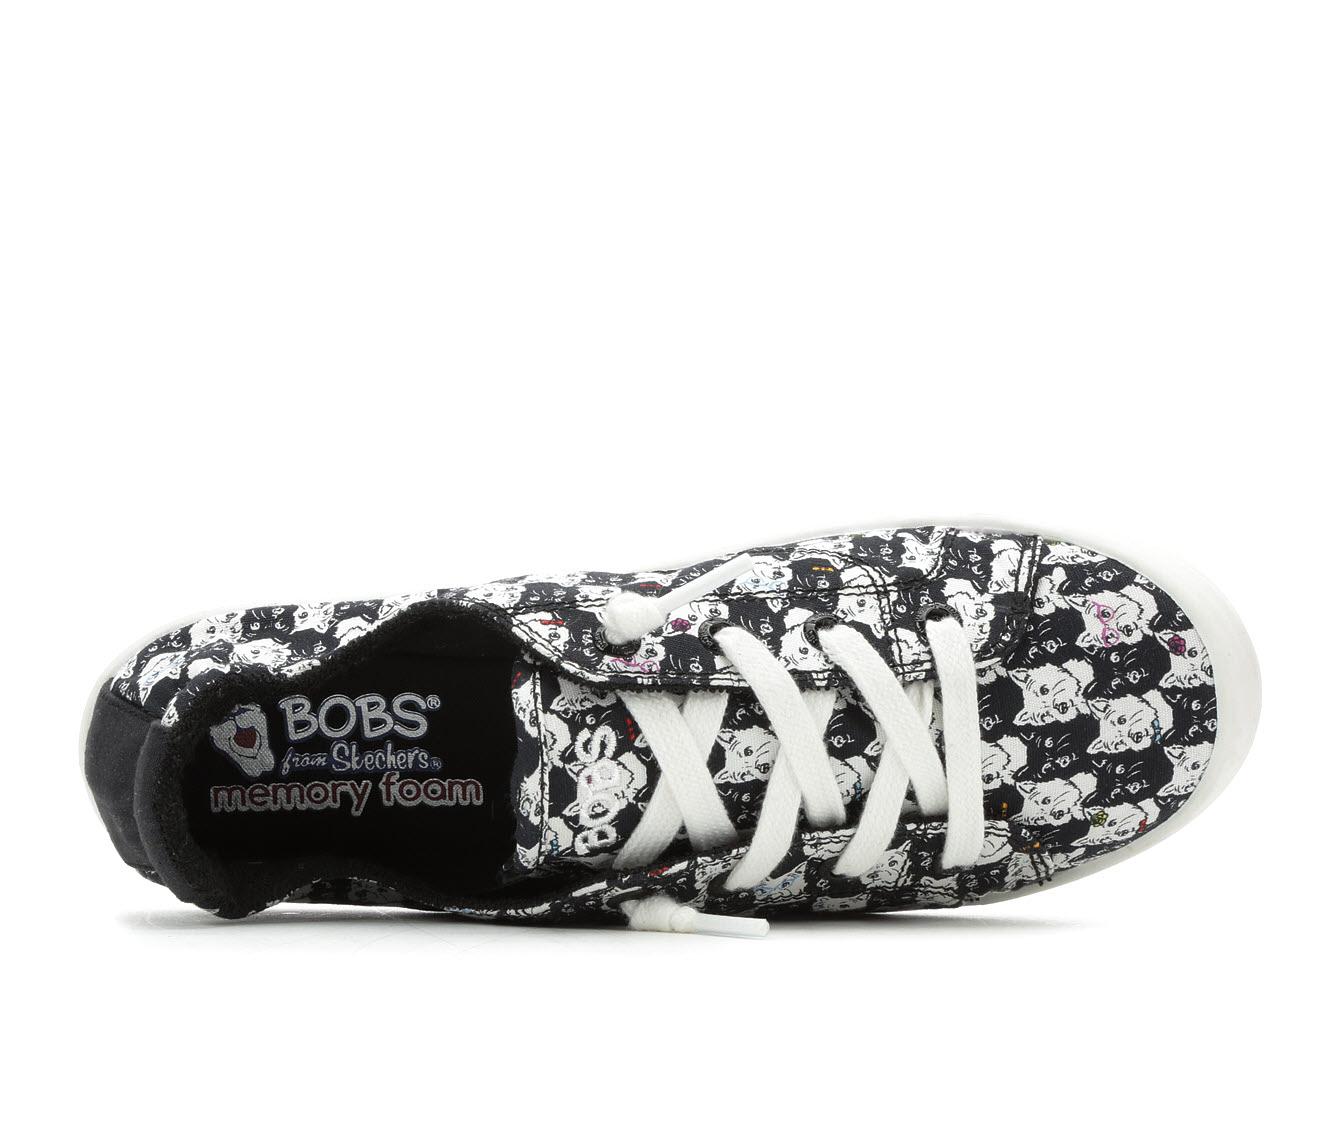 BOBS Westie Ways 33367 Slip-On Sneakers